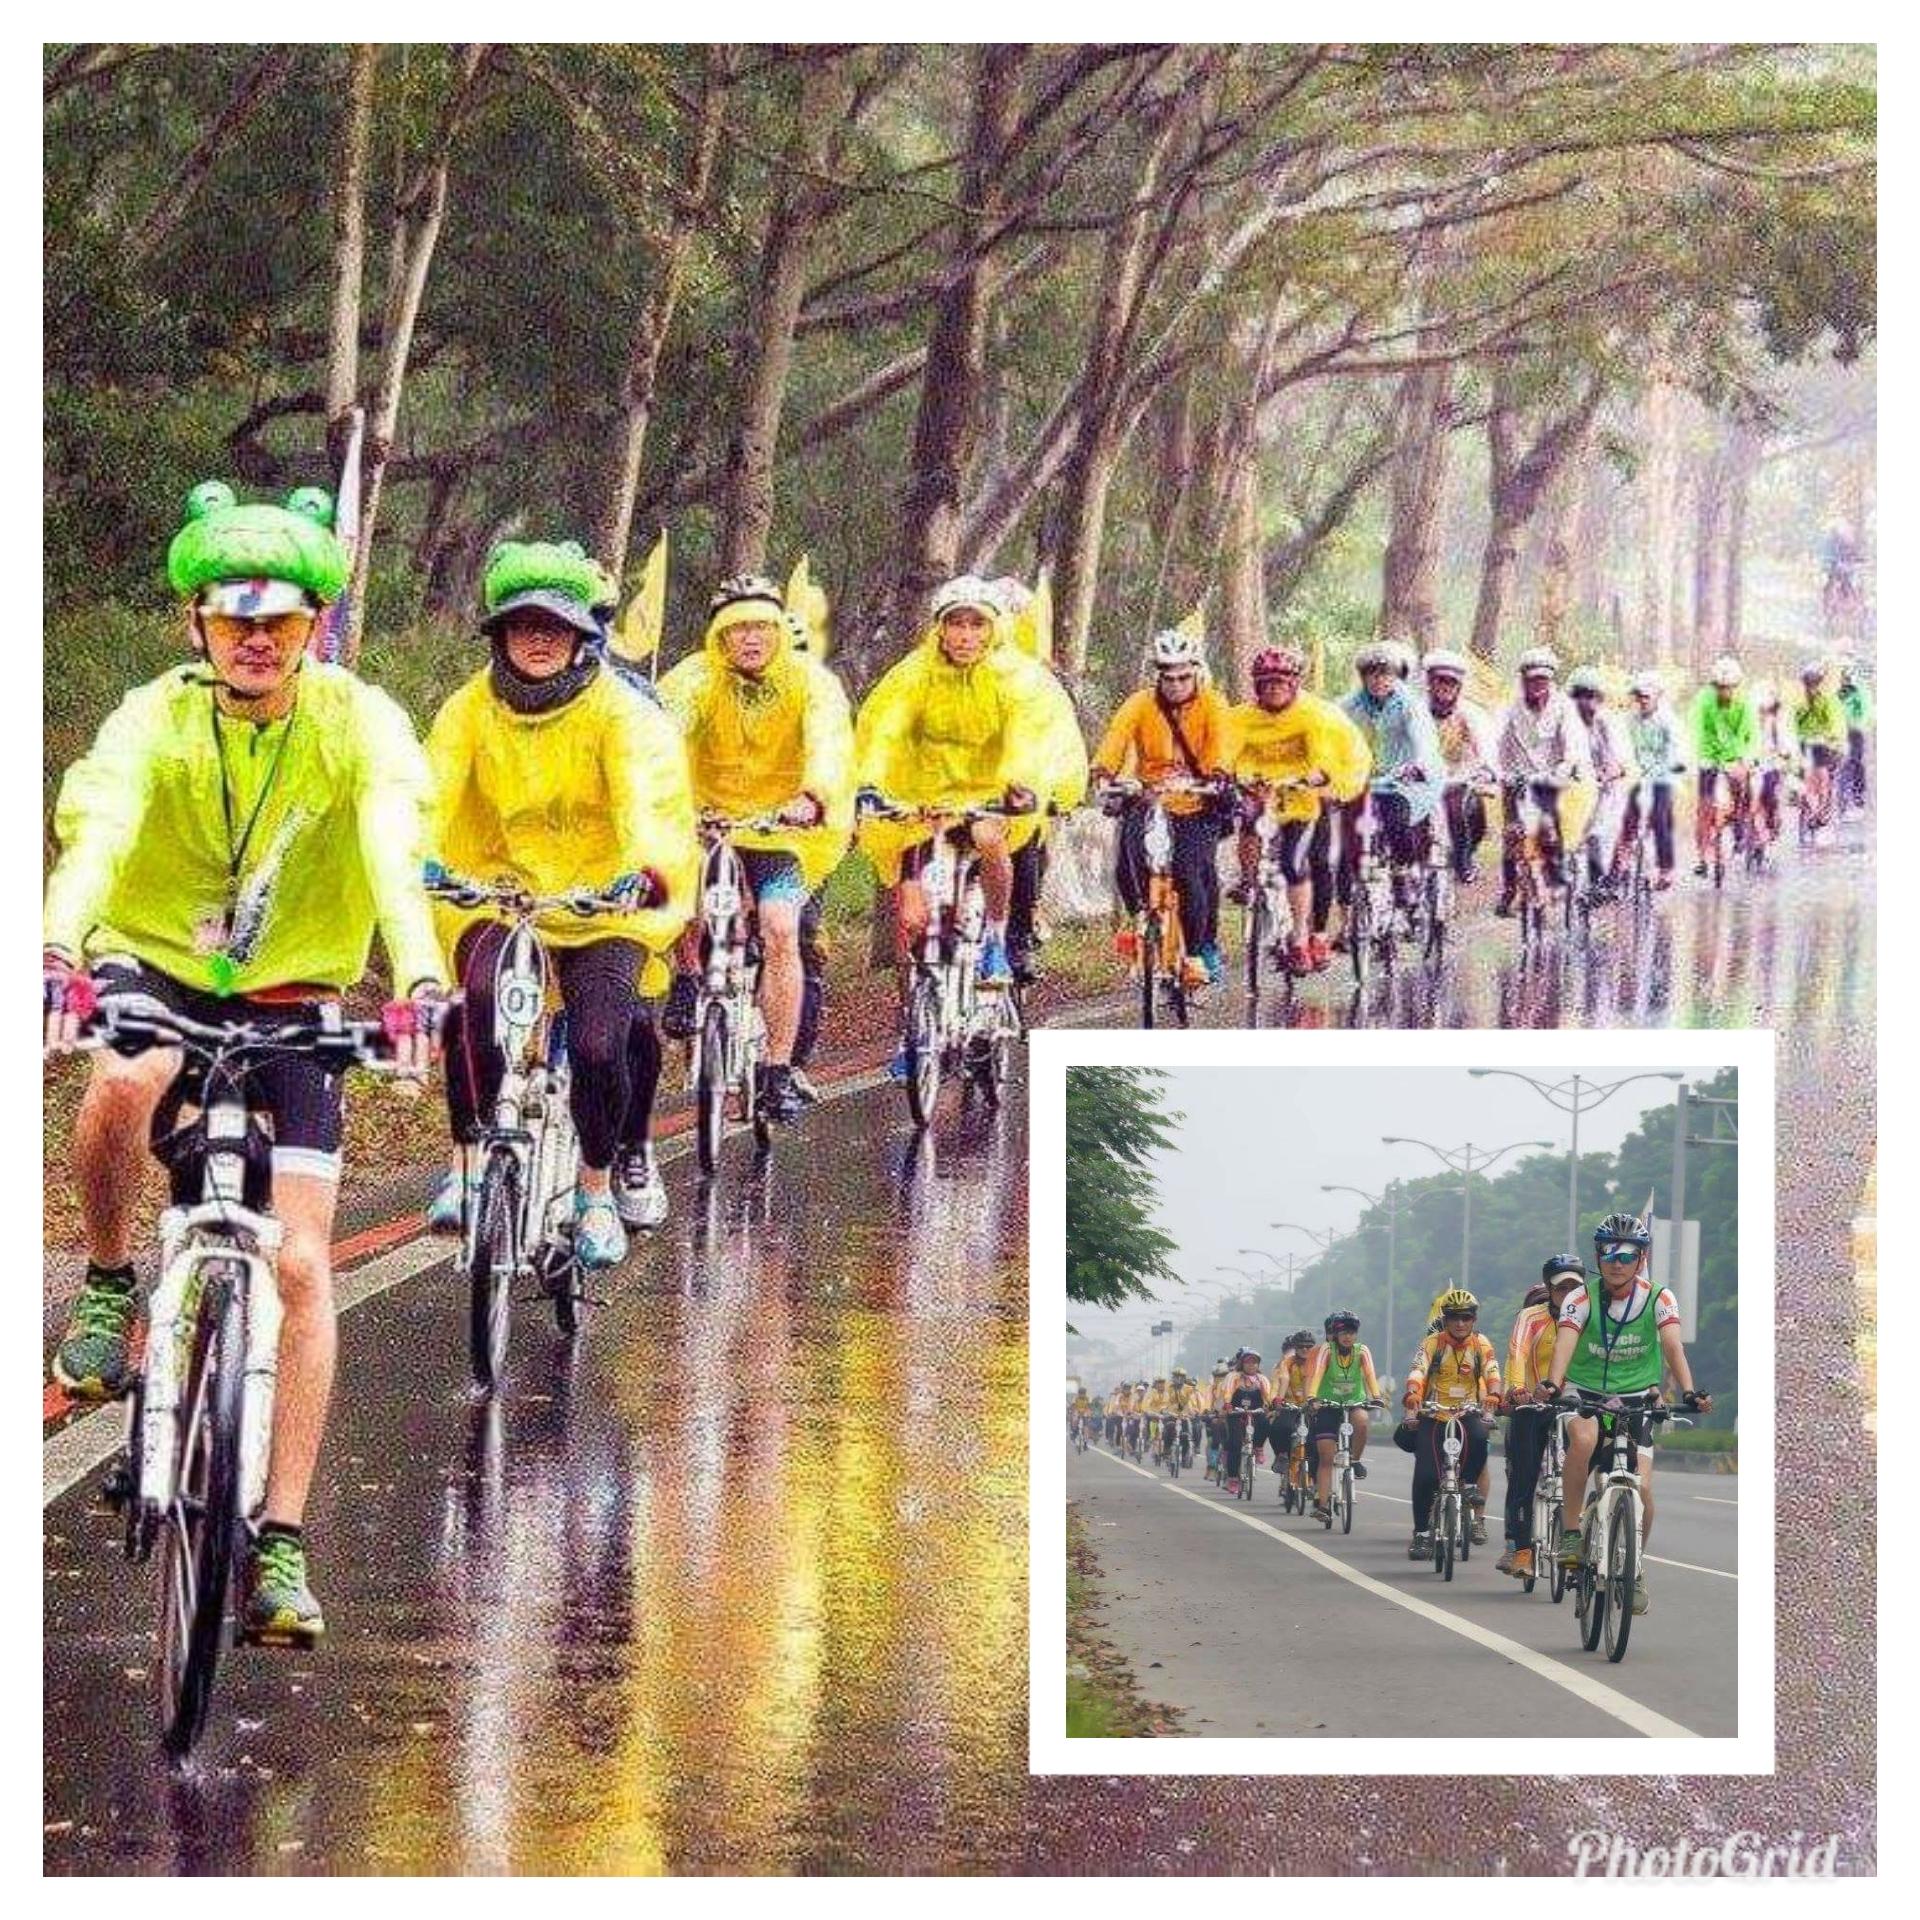 劉維璽(前一)是展翼協力車隊志工,不管天晴天雨,都可以看到整齊劃一的隊形。